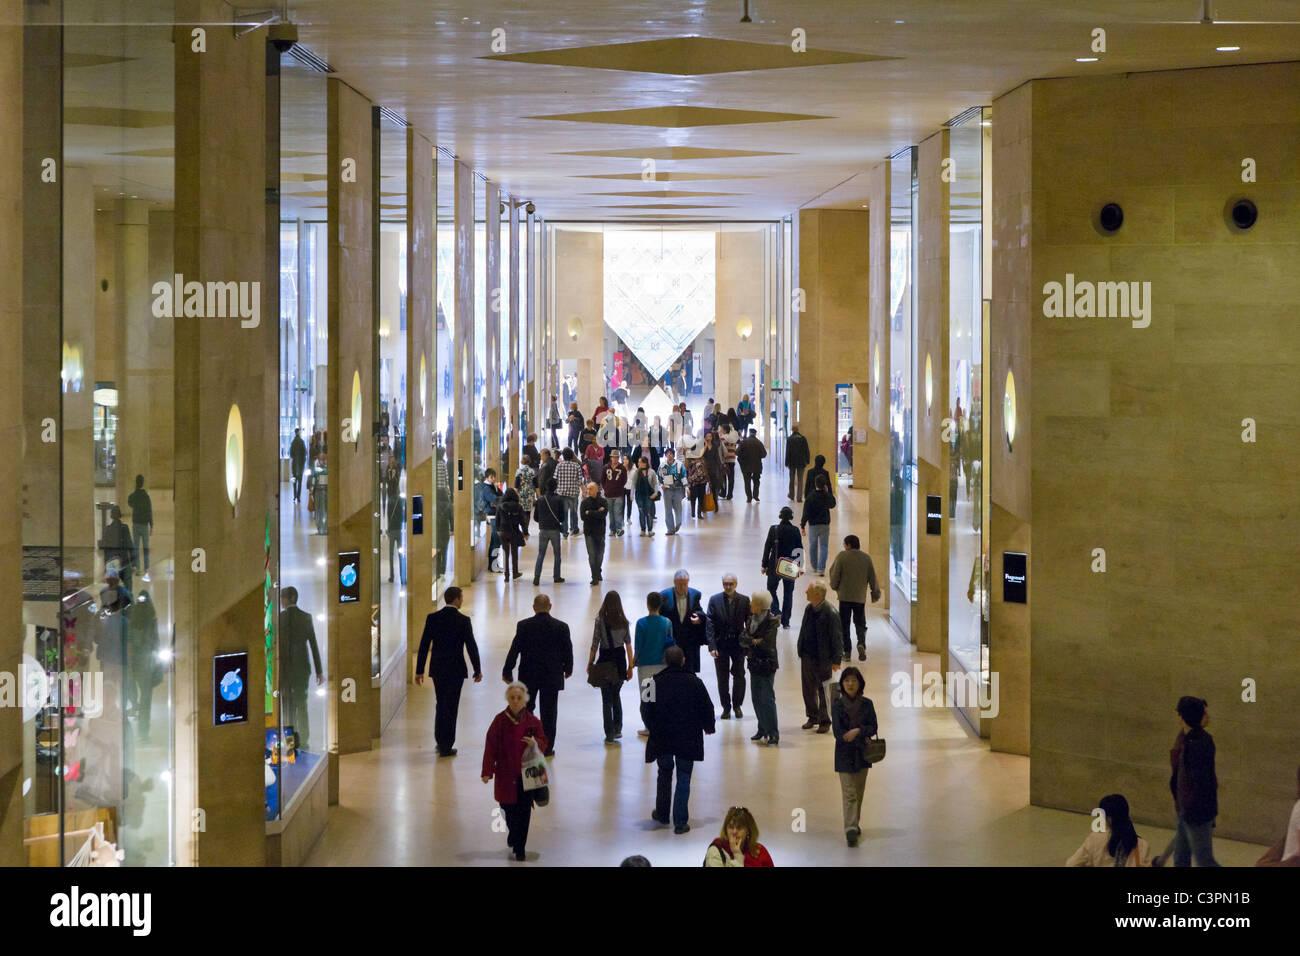 The Carrousel du Louvre shopping centre, Paris, France - Stock Image